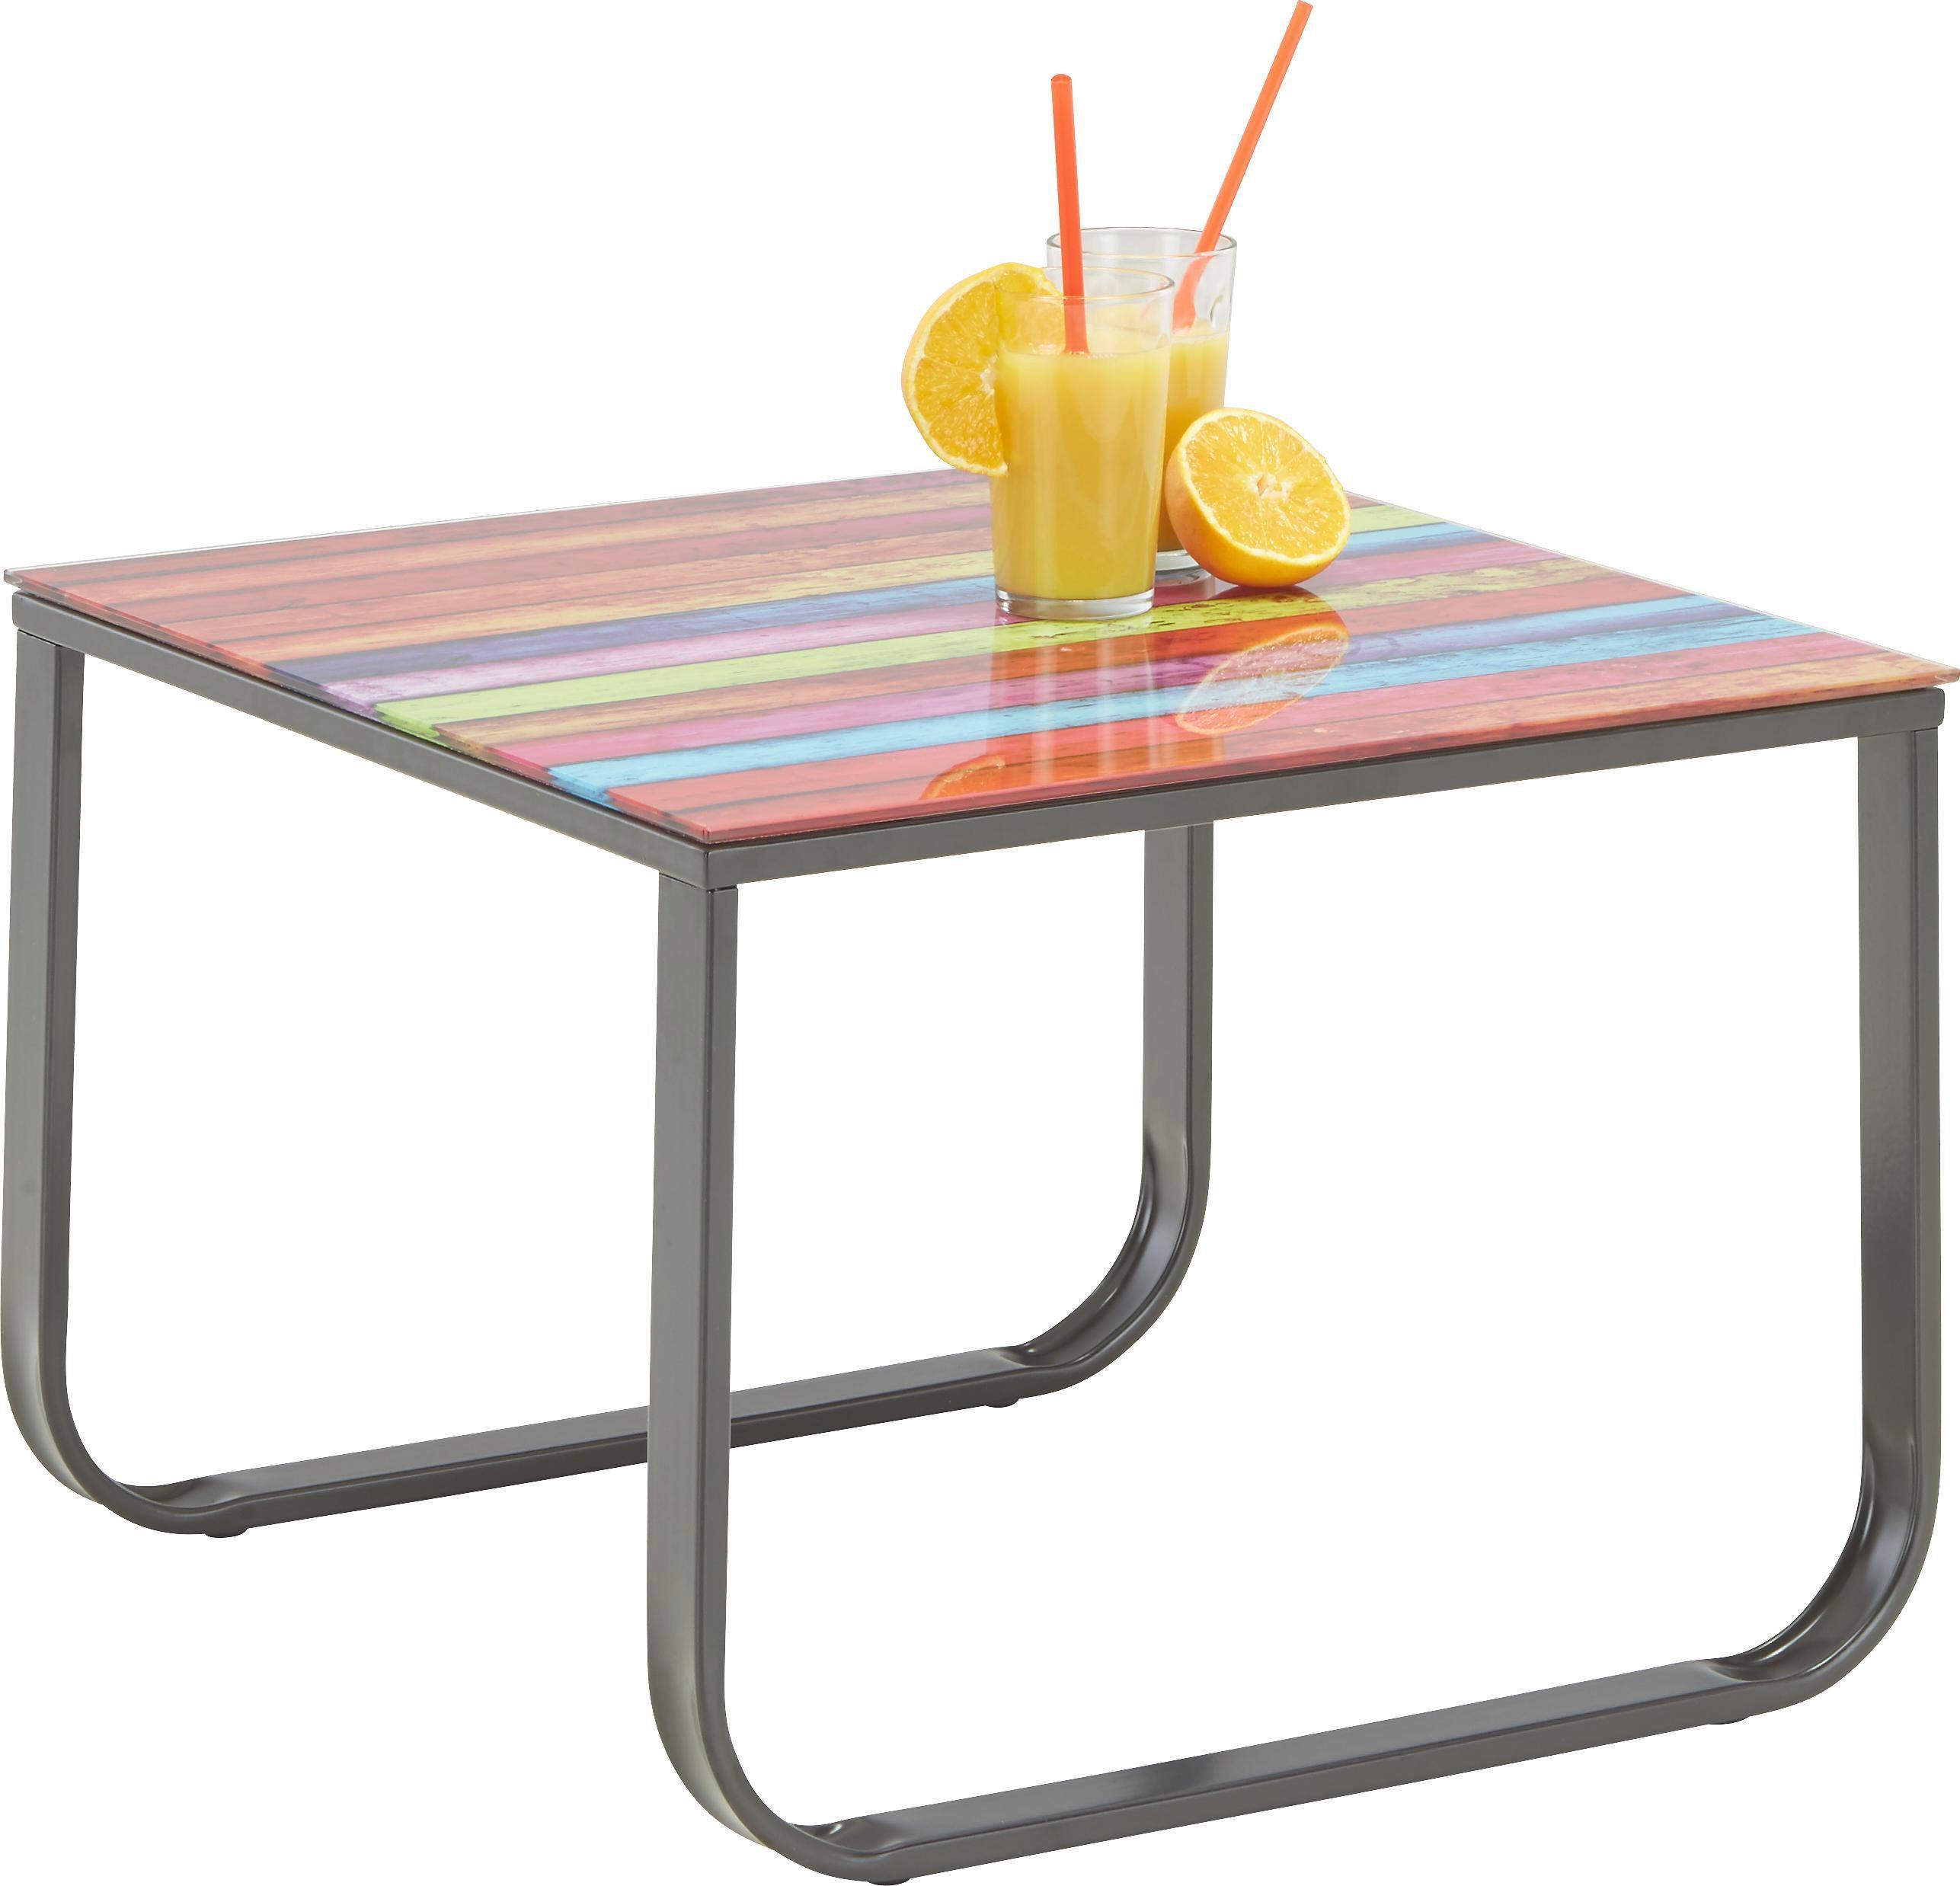 Beistelltisch in Bunt aus Glas/metall - Multicolor/Schwarz, MODERN, Glas/Metall (55/38/55cm) - MÖMAX modern living